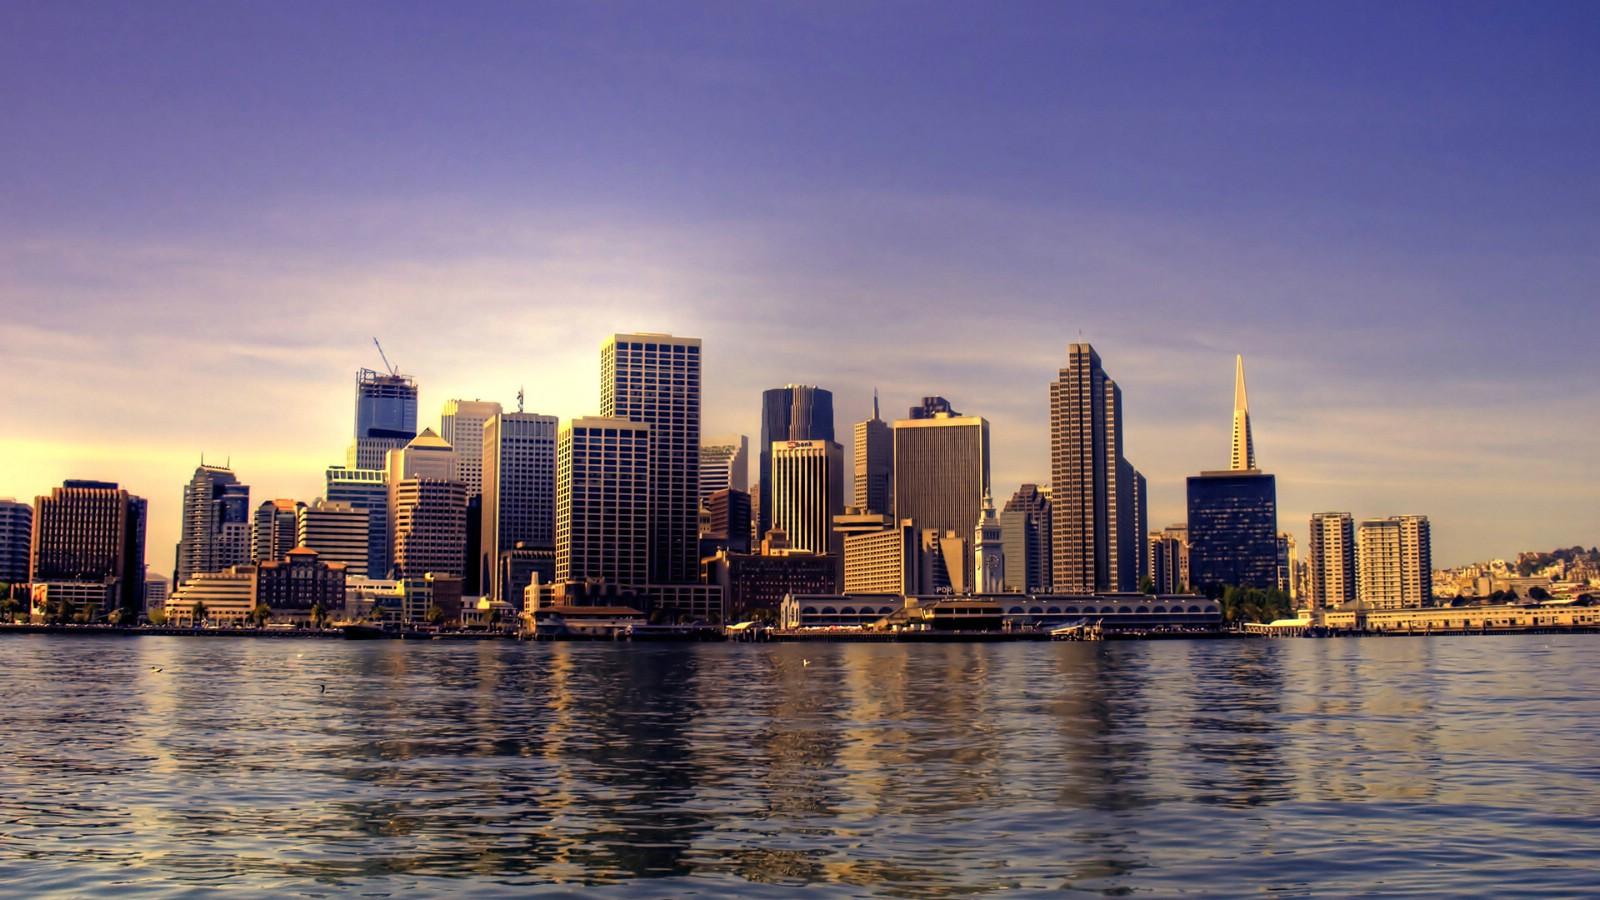 美丽 城市风景 图片素材(编号:2012102006524 威尼斯 城市风景 图片